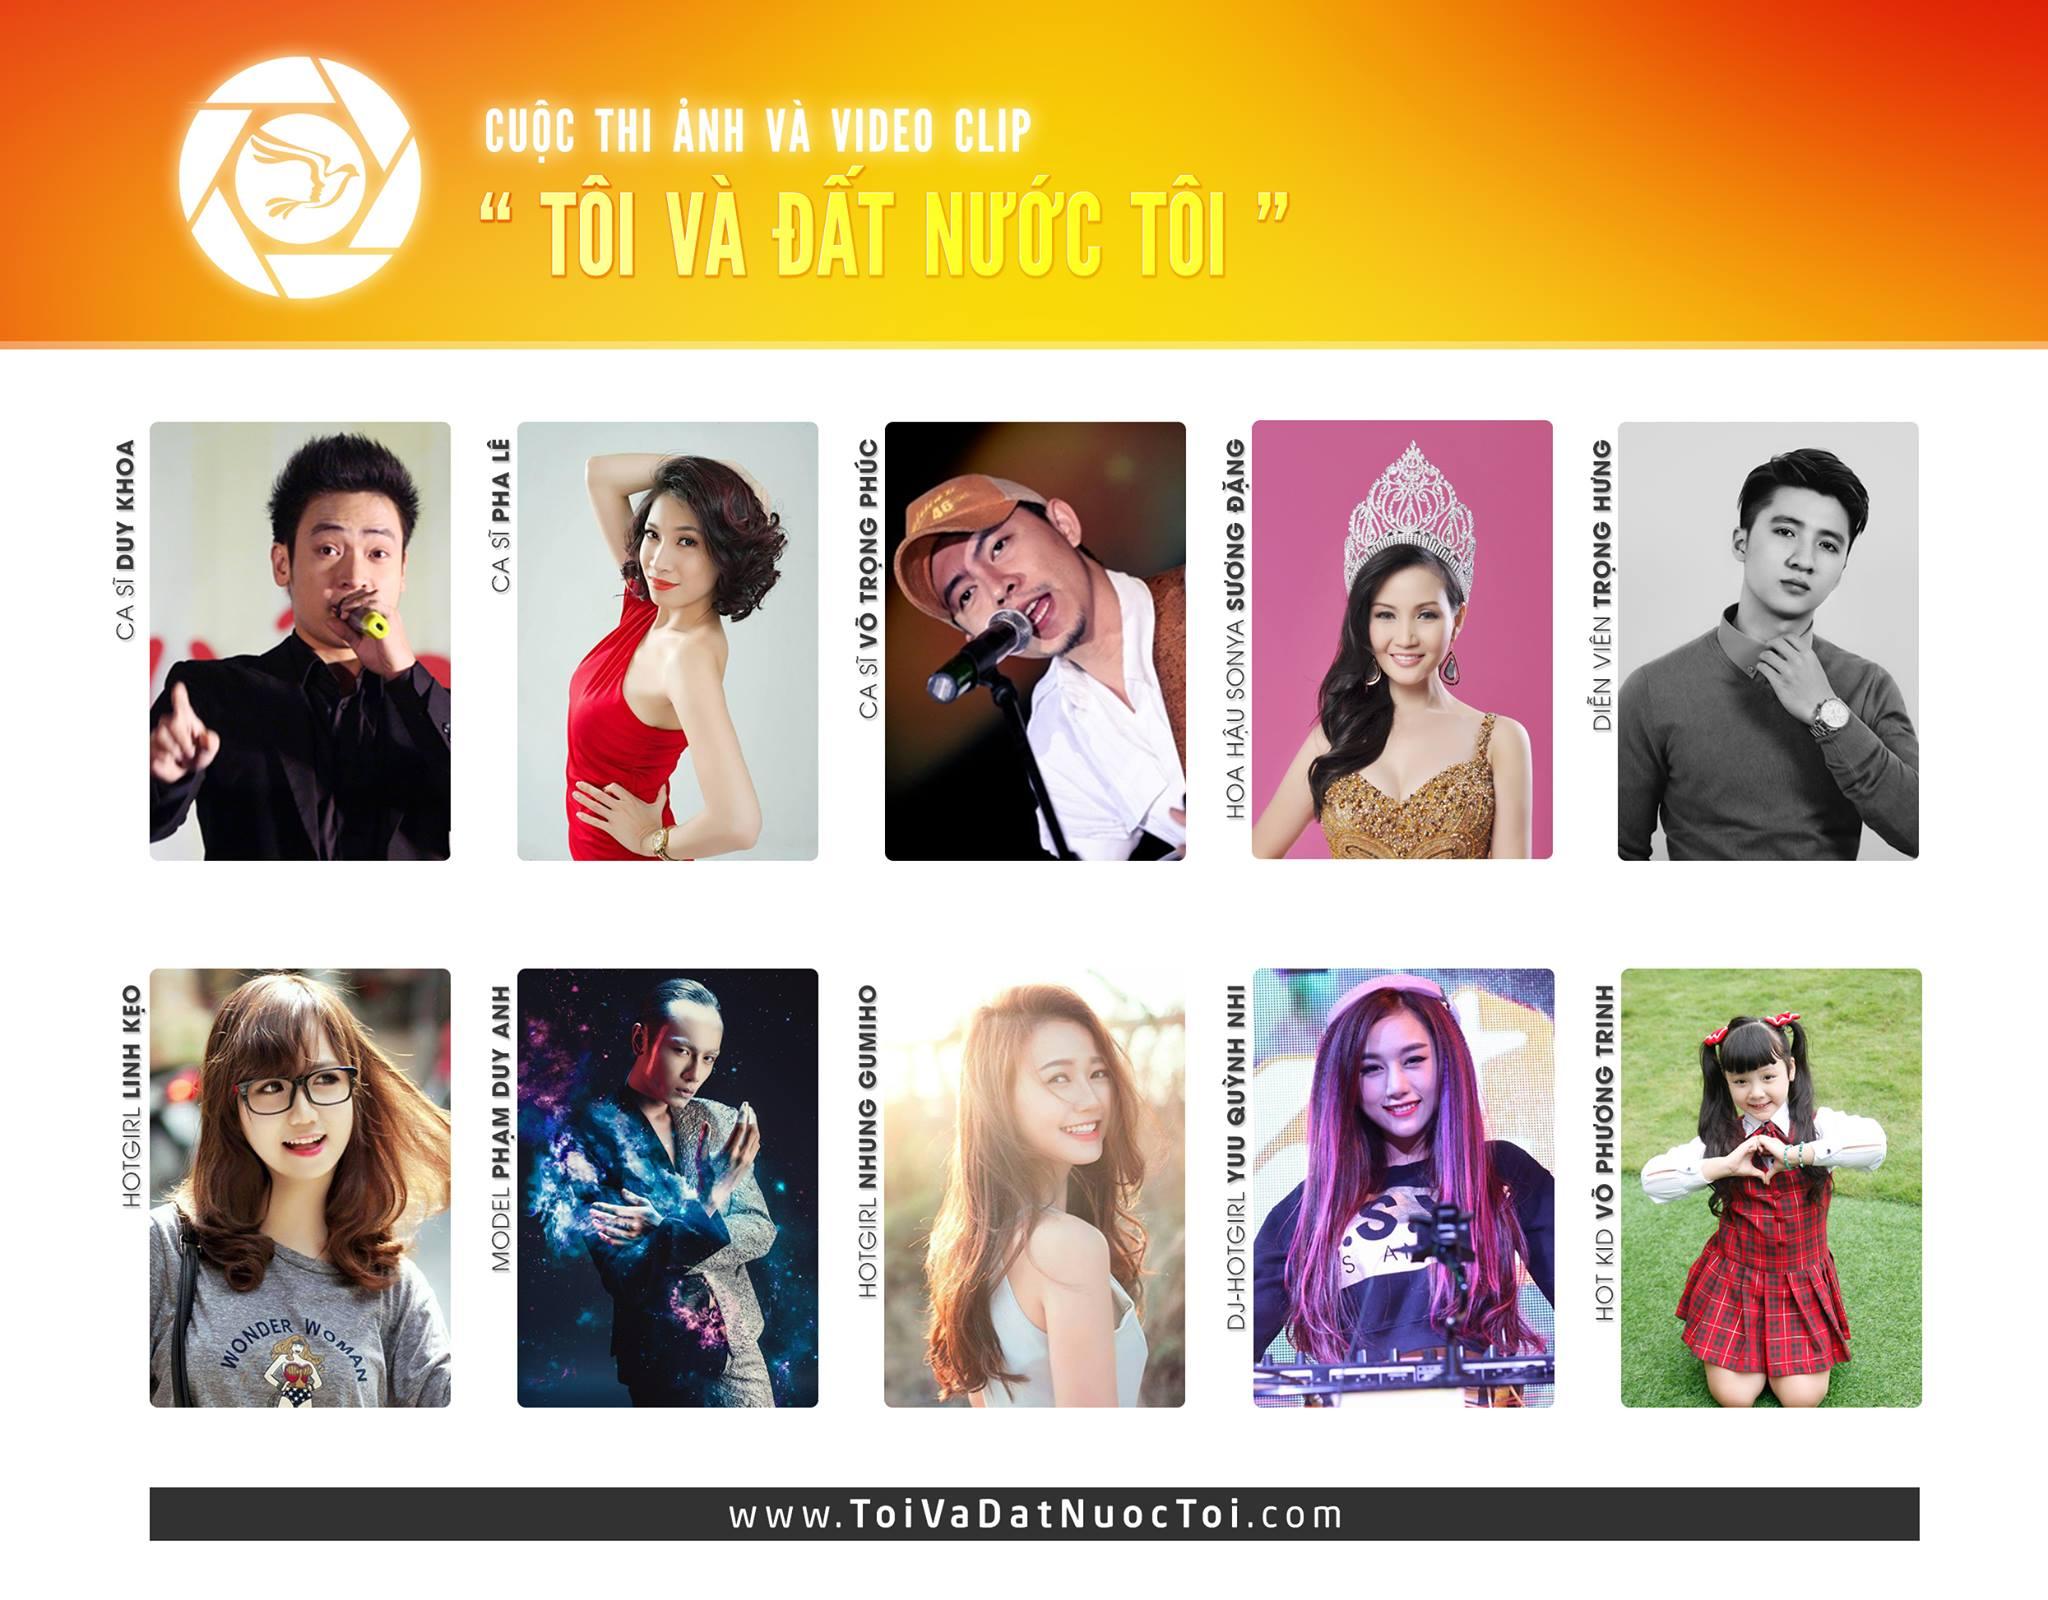 Hà Nội : Gần 50 Giải thưởng cho một cuộc thi online - Ảnh 5